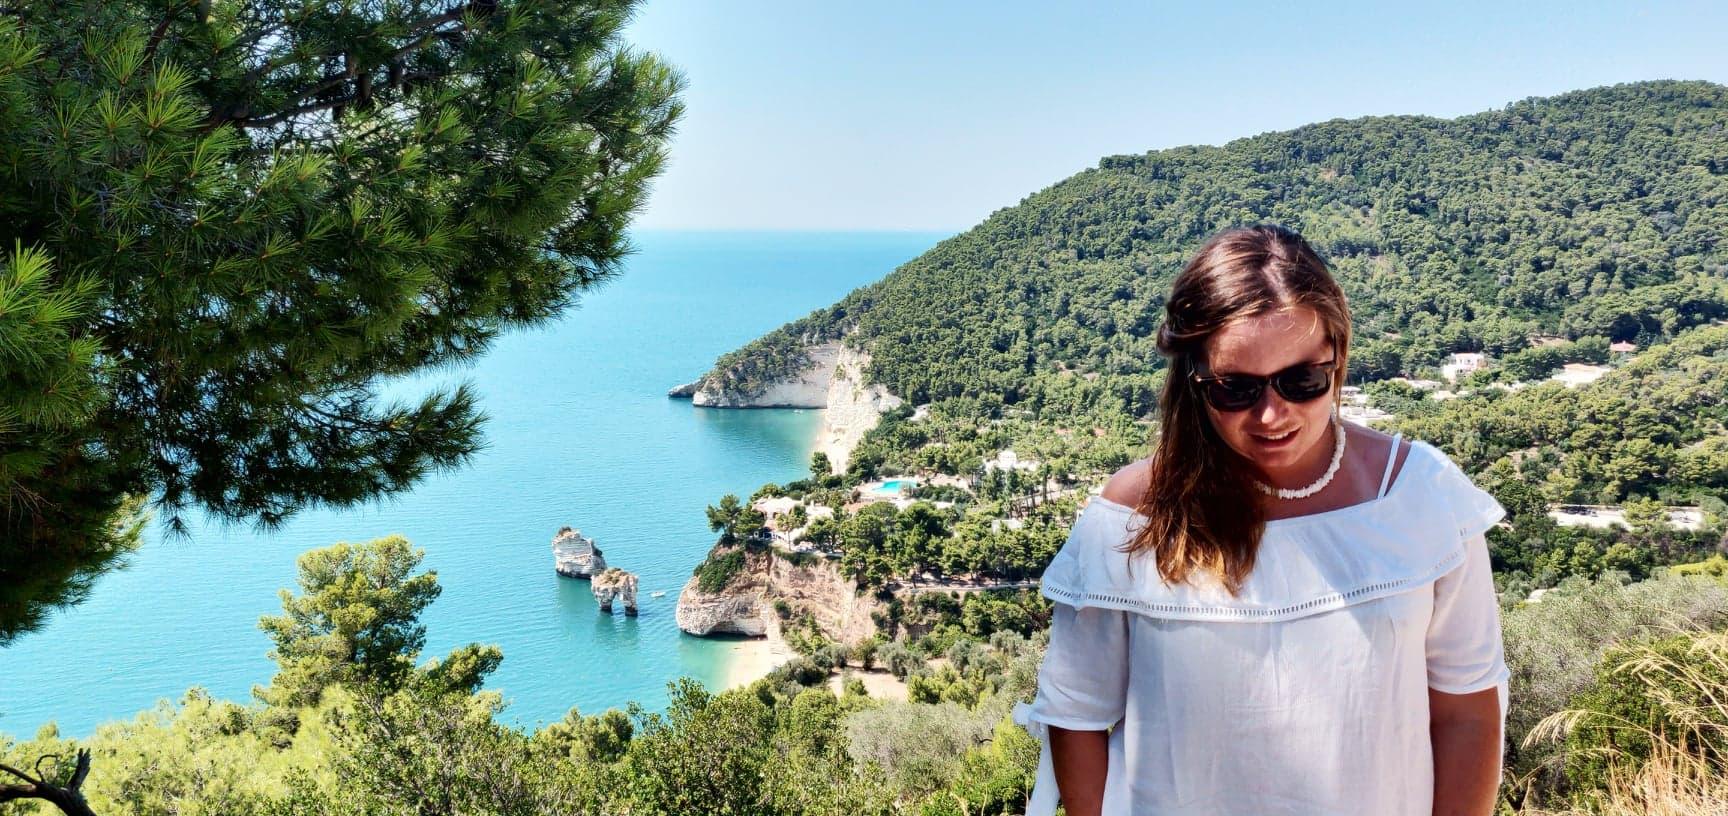 De meeste mooiste stranden in heel Italië zijn dichtbij Vieste zoals de Baia delle Zagare en het strand van Mattinata